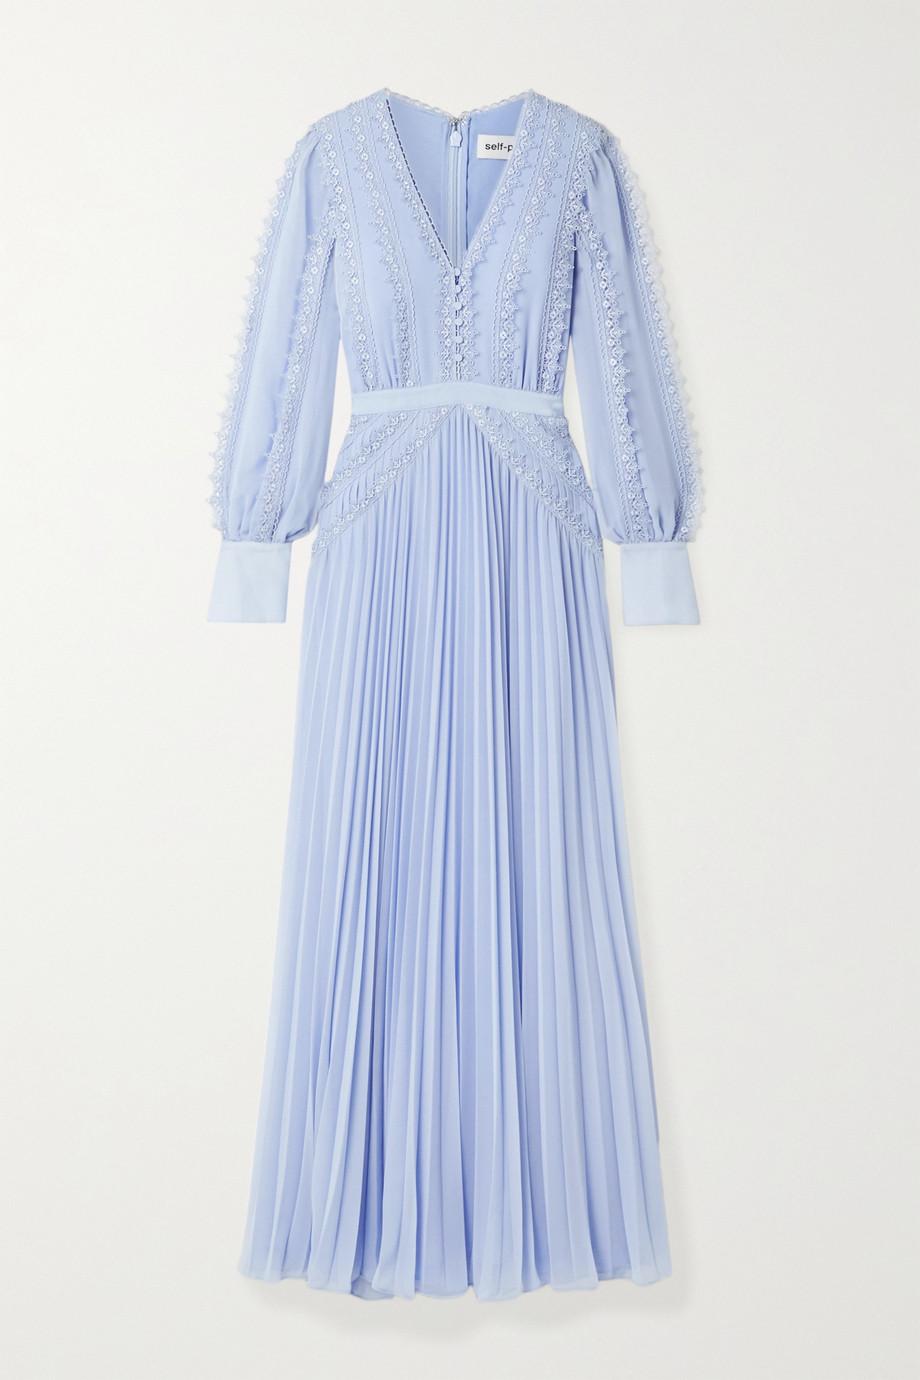 Self-Portrait   Grosgrain and corded lace-trimmed plissé-chiffon gown   NET-A-PORTER.COM